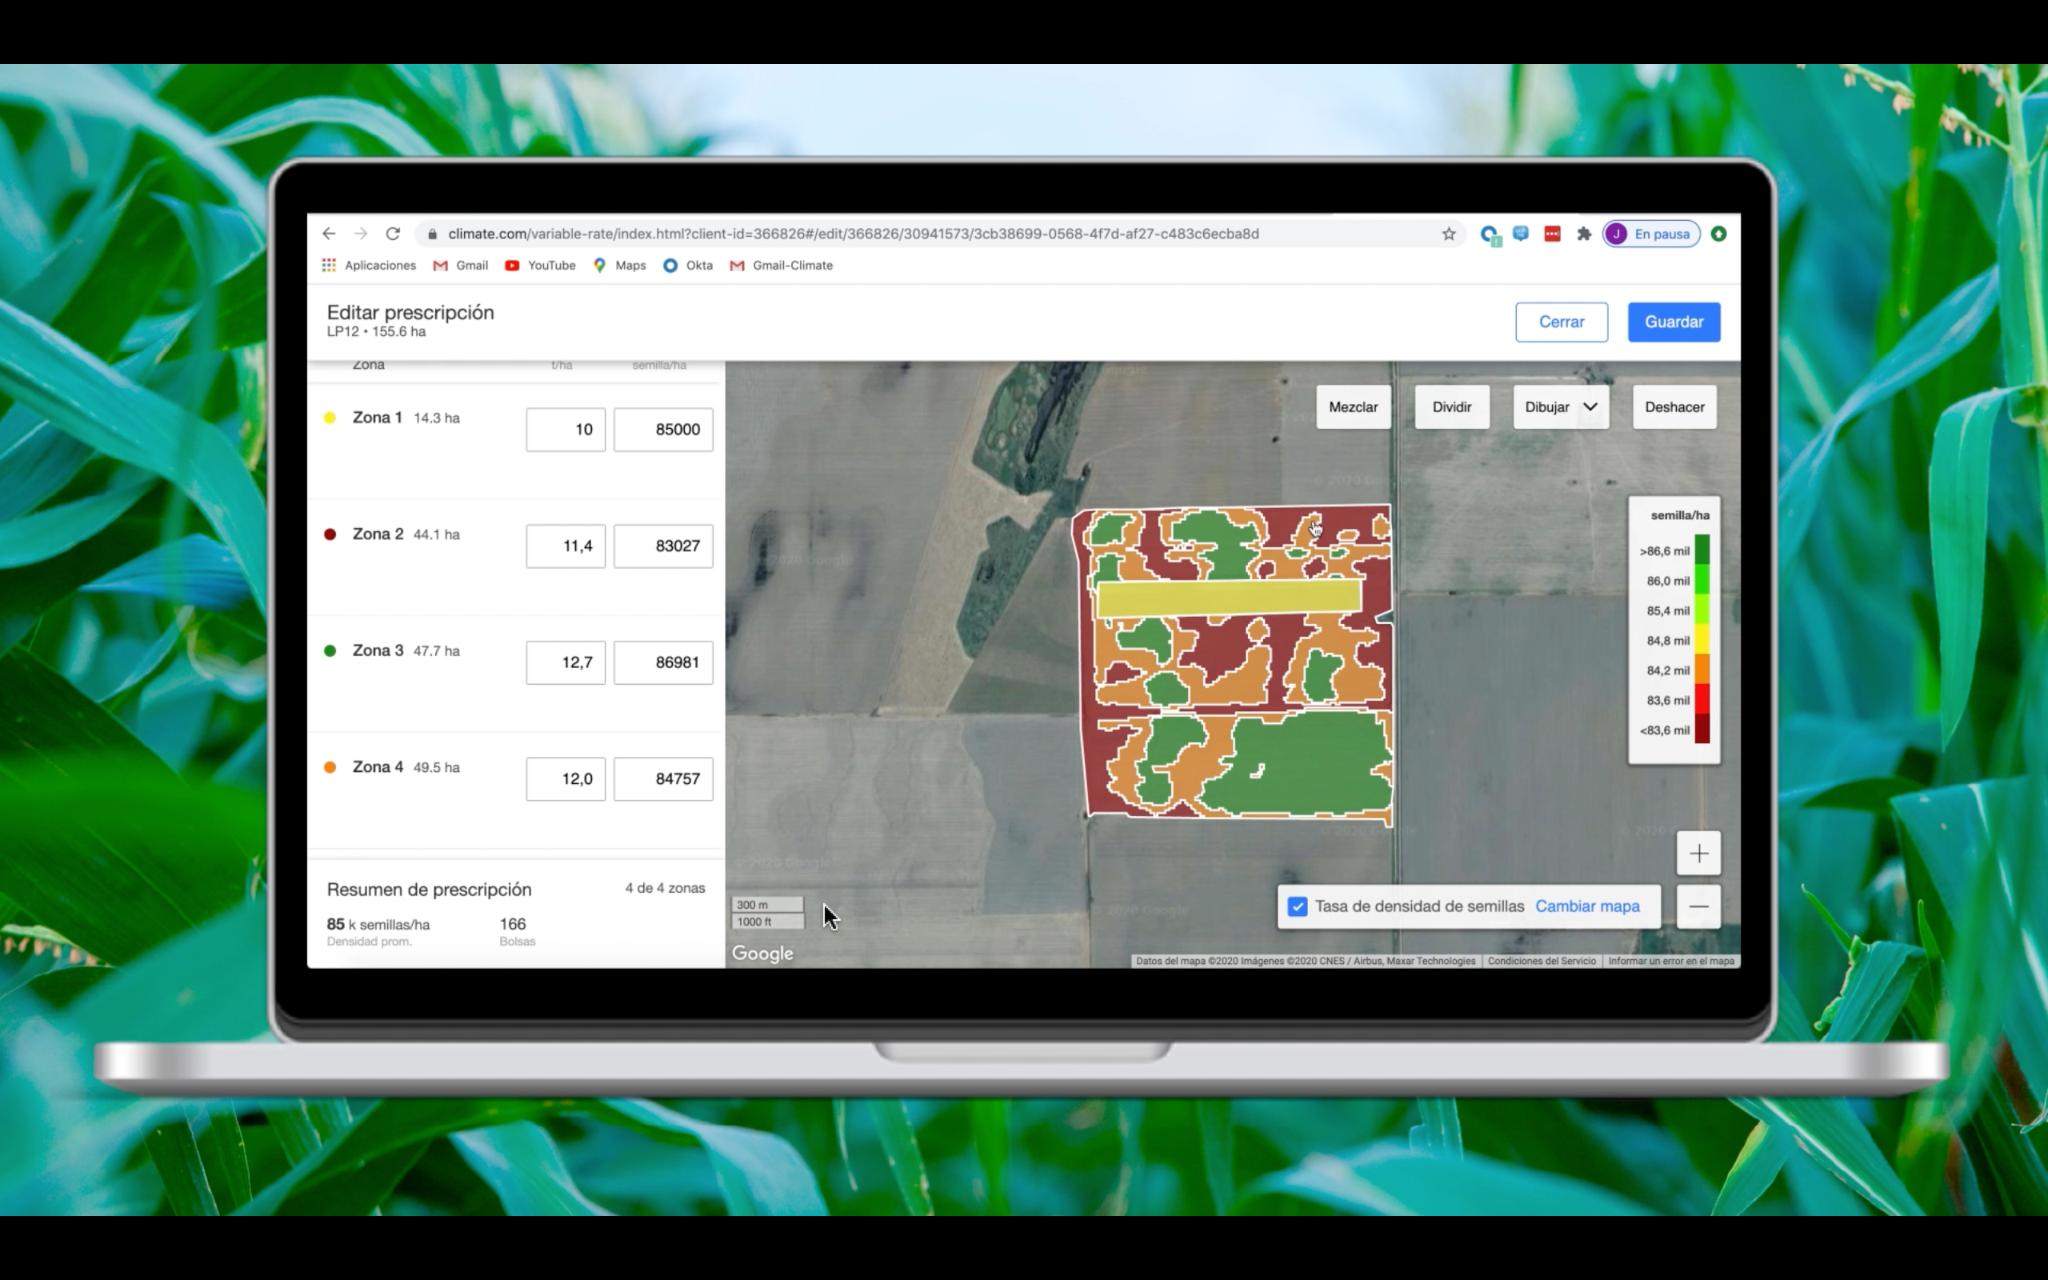 En el fondo hojas verdes. Centrado, una imagen de una computadora abierta, y en la pantalla la imagen de la página FieldView con el Paso de edición. A la derecha, en la pantalla, un mapa de calor de una plantación.